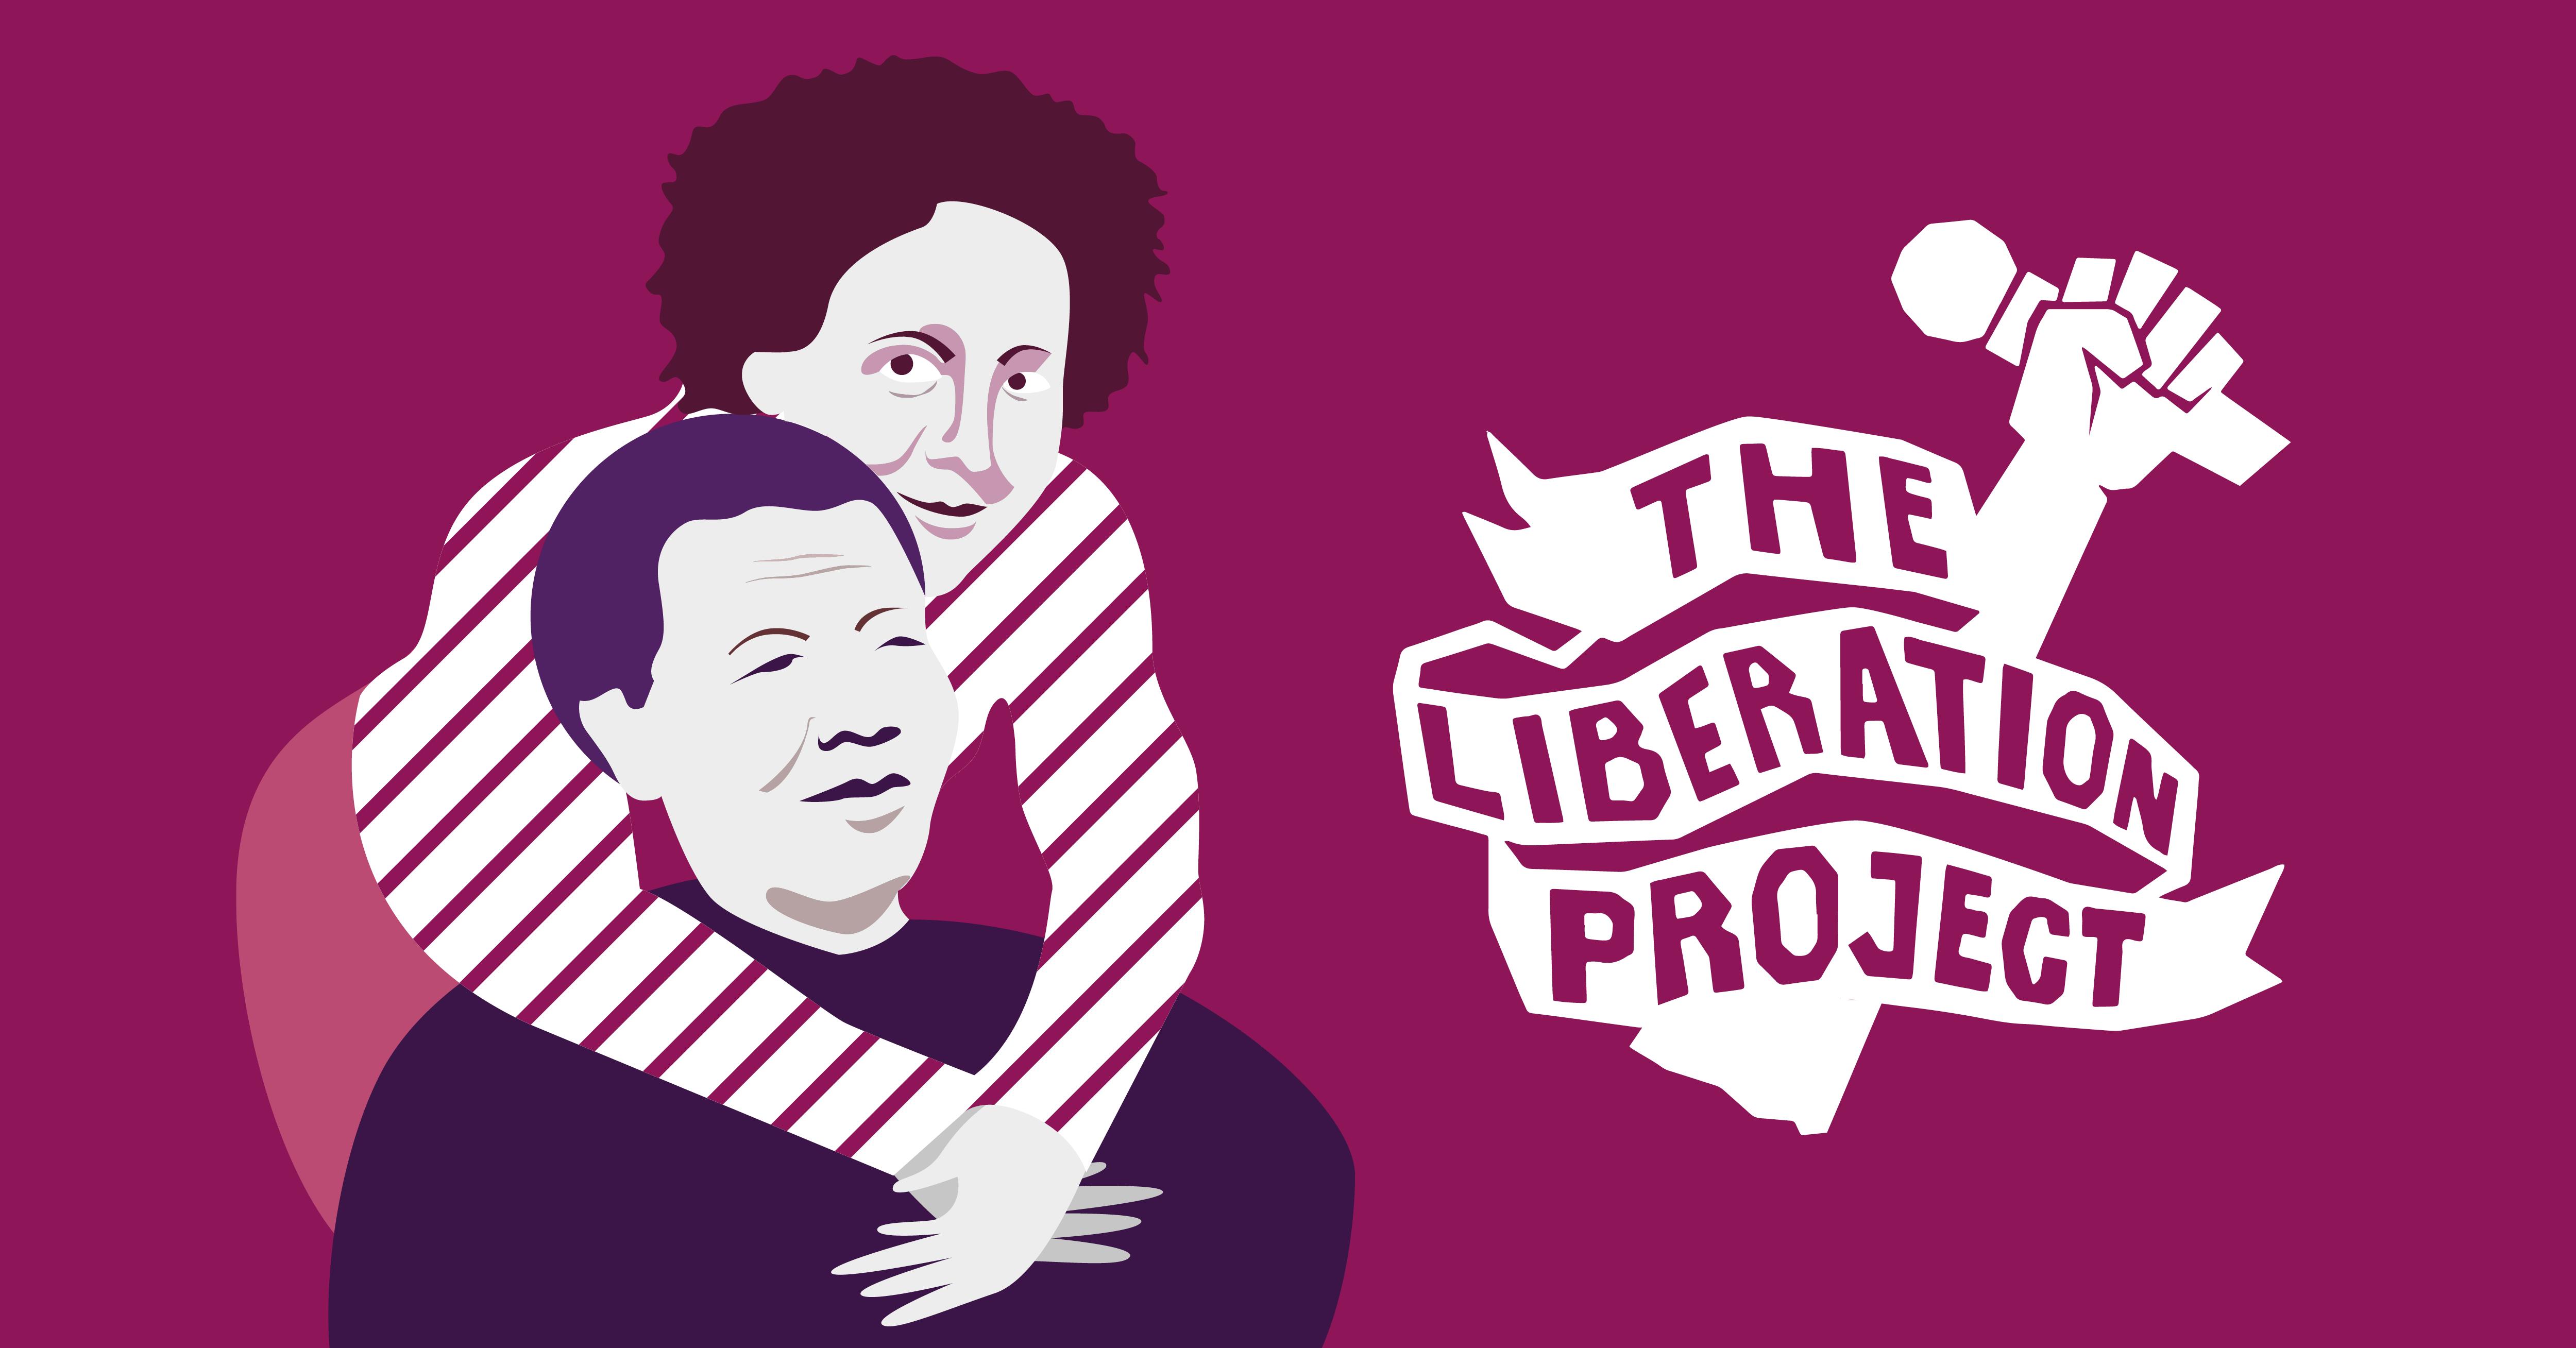 Coopsday: a Modena e Ferrara si festeggia dal 6 al 10 luglio con l'attivista sociale Ndileka Mandela e il concerto di The Liberation Project